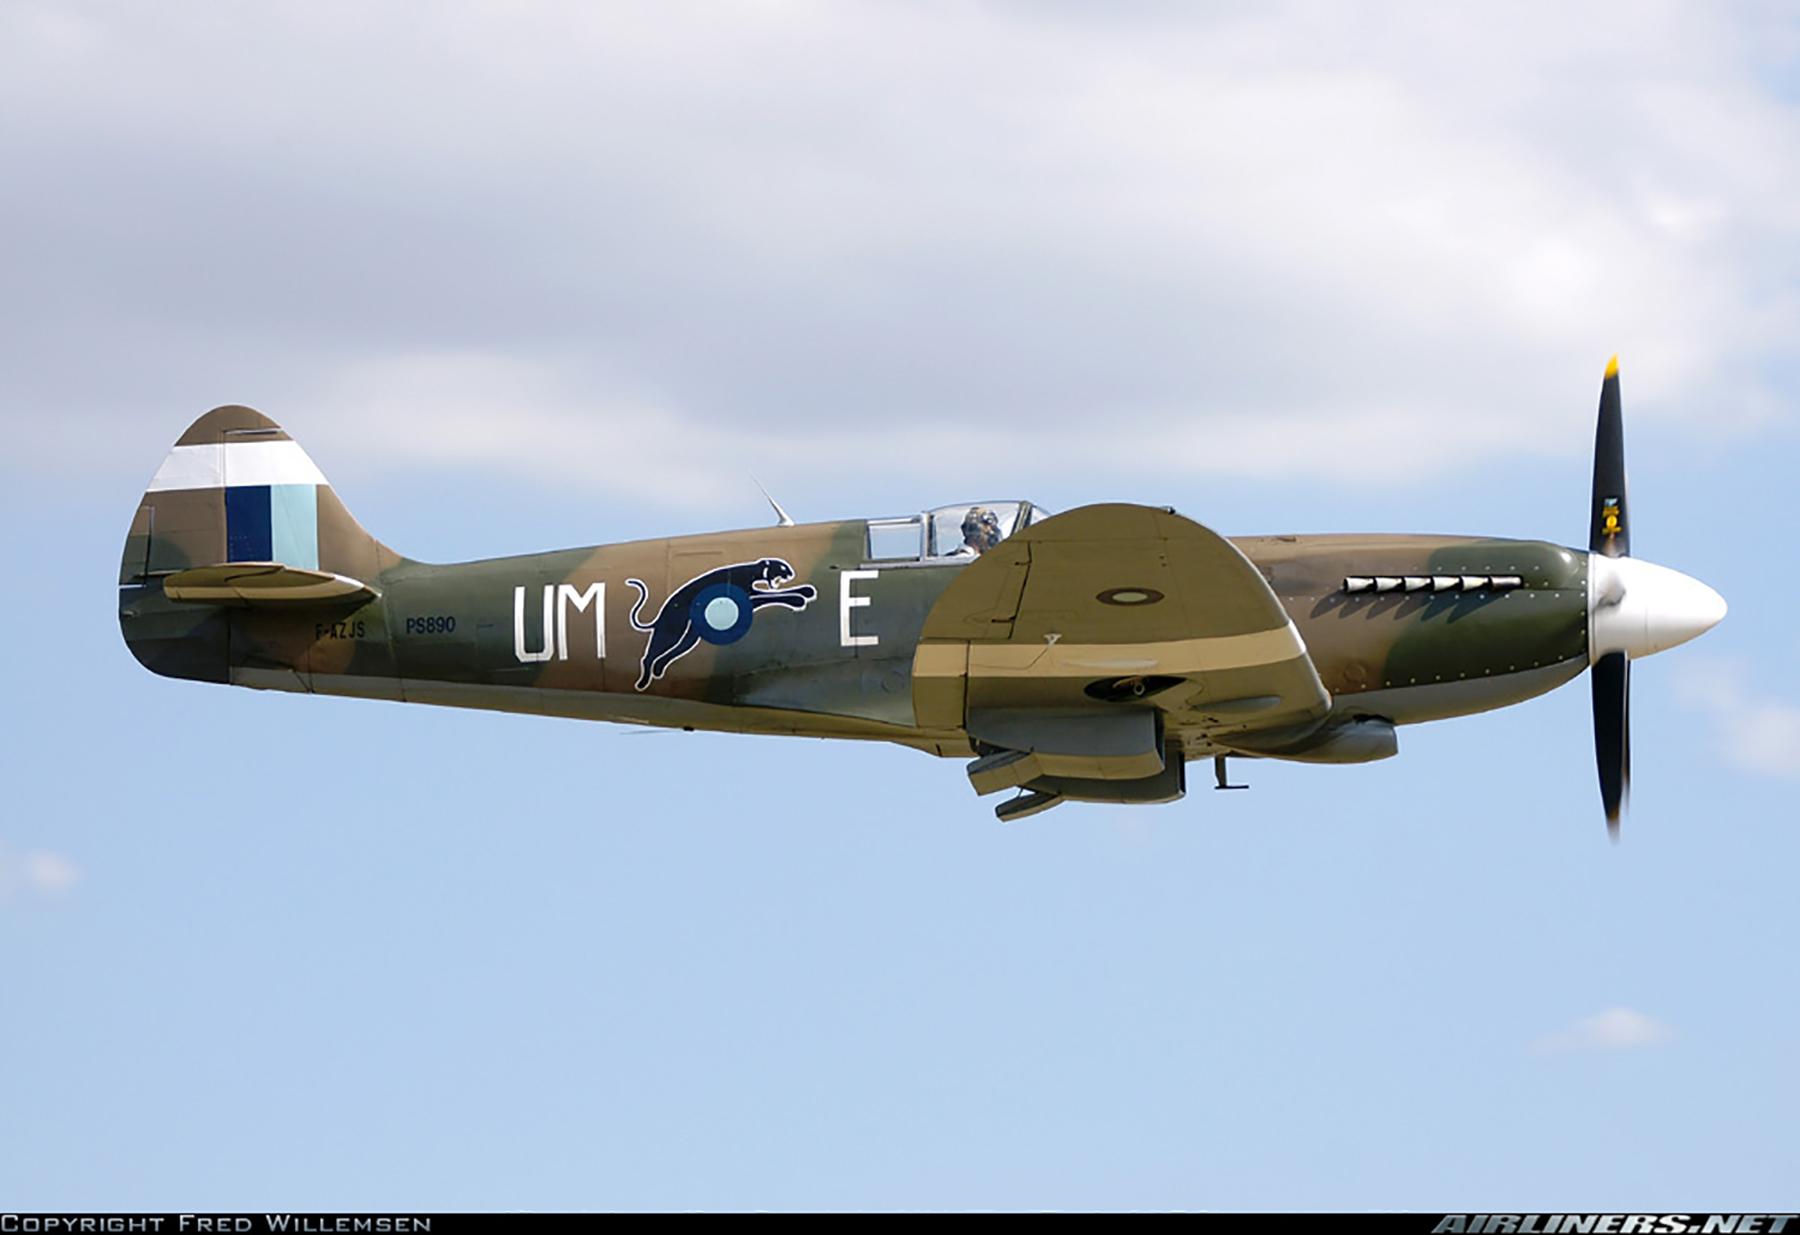 Airworthy Spitfire warbird PR19 PS890 as RAF 152Sqn UME 06